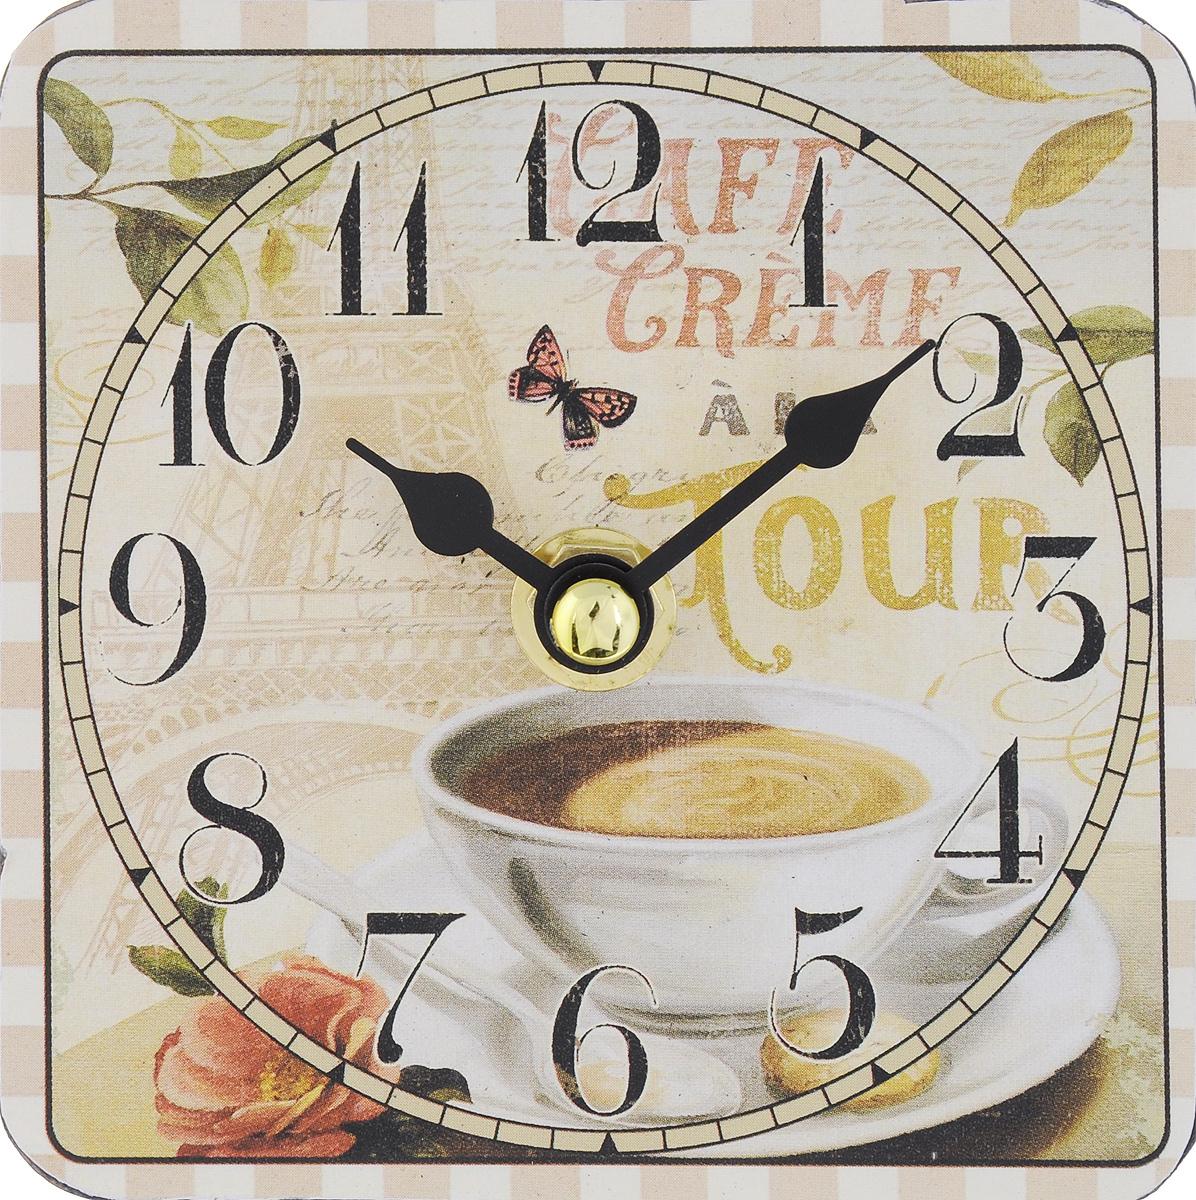 Часы настольные Феникс-Презент Чашка кофе, 10 х 10 см40728Настольные часы квадратной формы Феникс-Презент Чашка кофе своим эксклюзивным дизайном подчеркнут оригинальность интерьера вашего дома. Циферблат оформлен изображением чашки с кофе. Часы выполнены из МДФ. МДФ (мелкодисперсные фракции) представляет собой плиту из запрессованной вакуумным способом деревянной пыли и является наиболее экологически чистым материалом среди себе подобных. Часы имеют две стрелки - часовую и минутную. Настольные часы Феникс-Презент Чашка кофе подходят для кухни, гостиной, прихожей или дачи, а также могут стать отличным подарком для друзей и близких. ВНИМАНИЕ!!! Часы работают от сменной батареи типа АА 1,5V (в комплект не входит).